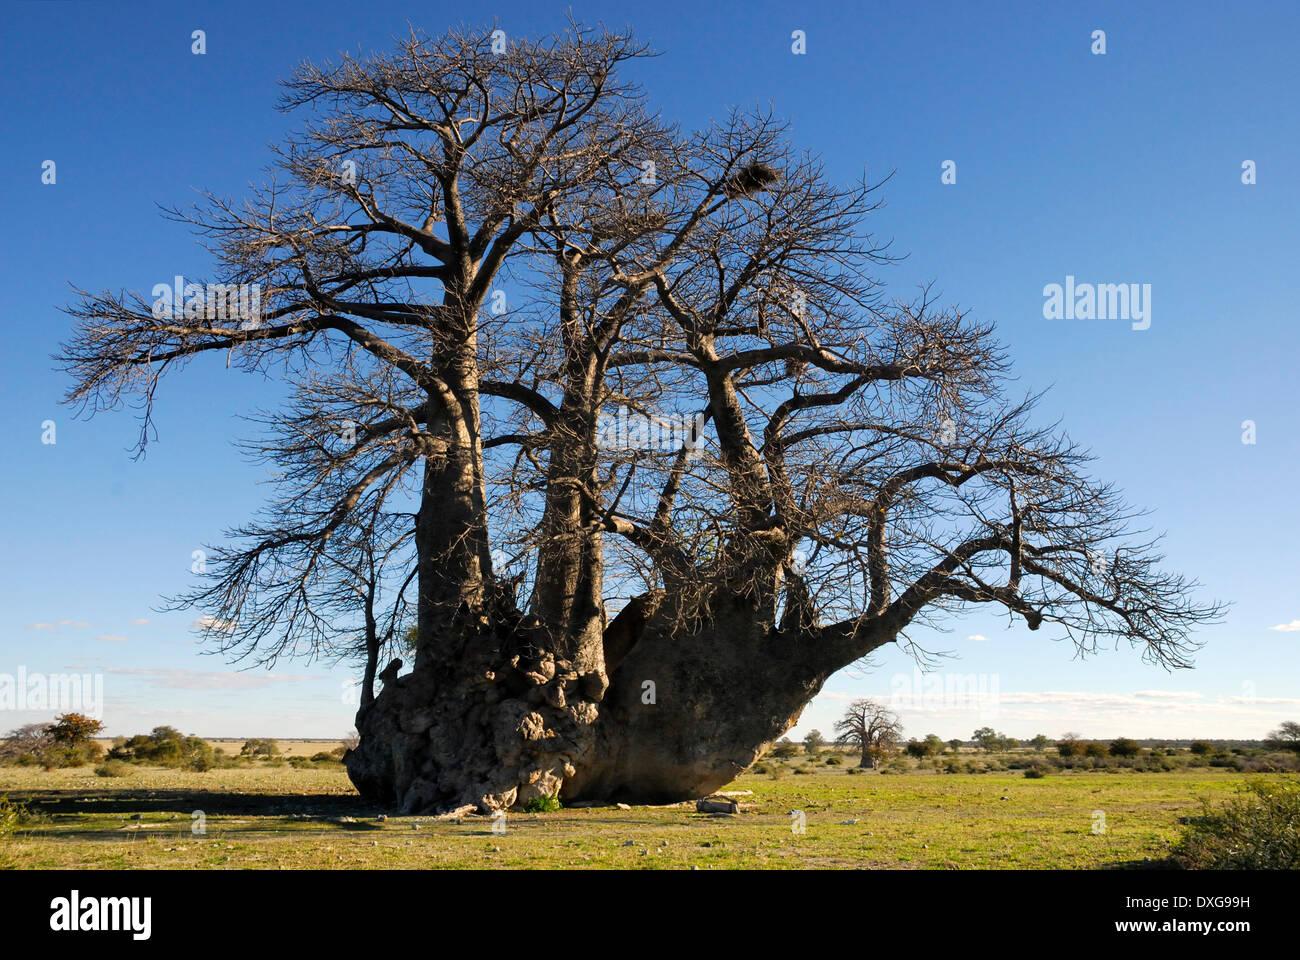 Big Baobab tree on the edge of Sowa Pan, Makgadikgadi Pans,Botswana - Stock Image